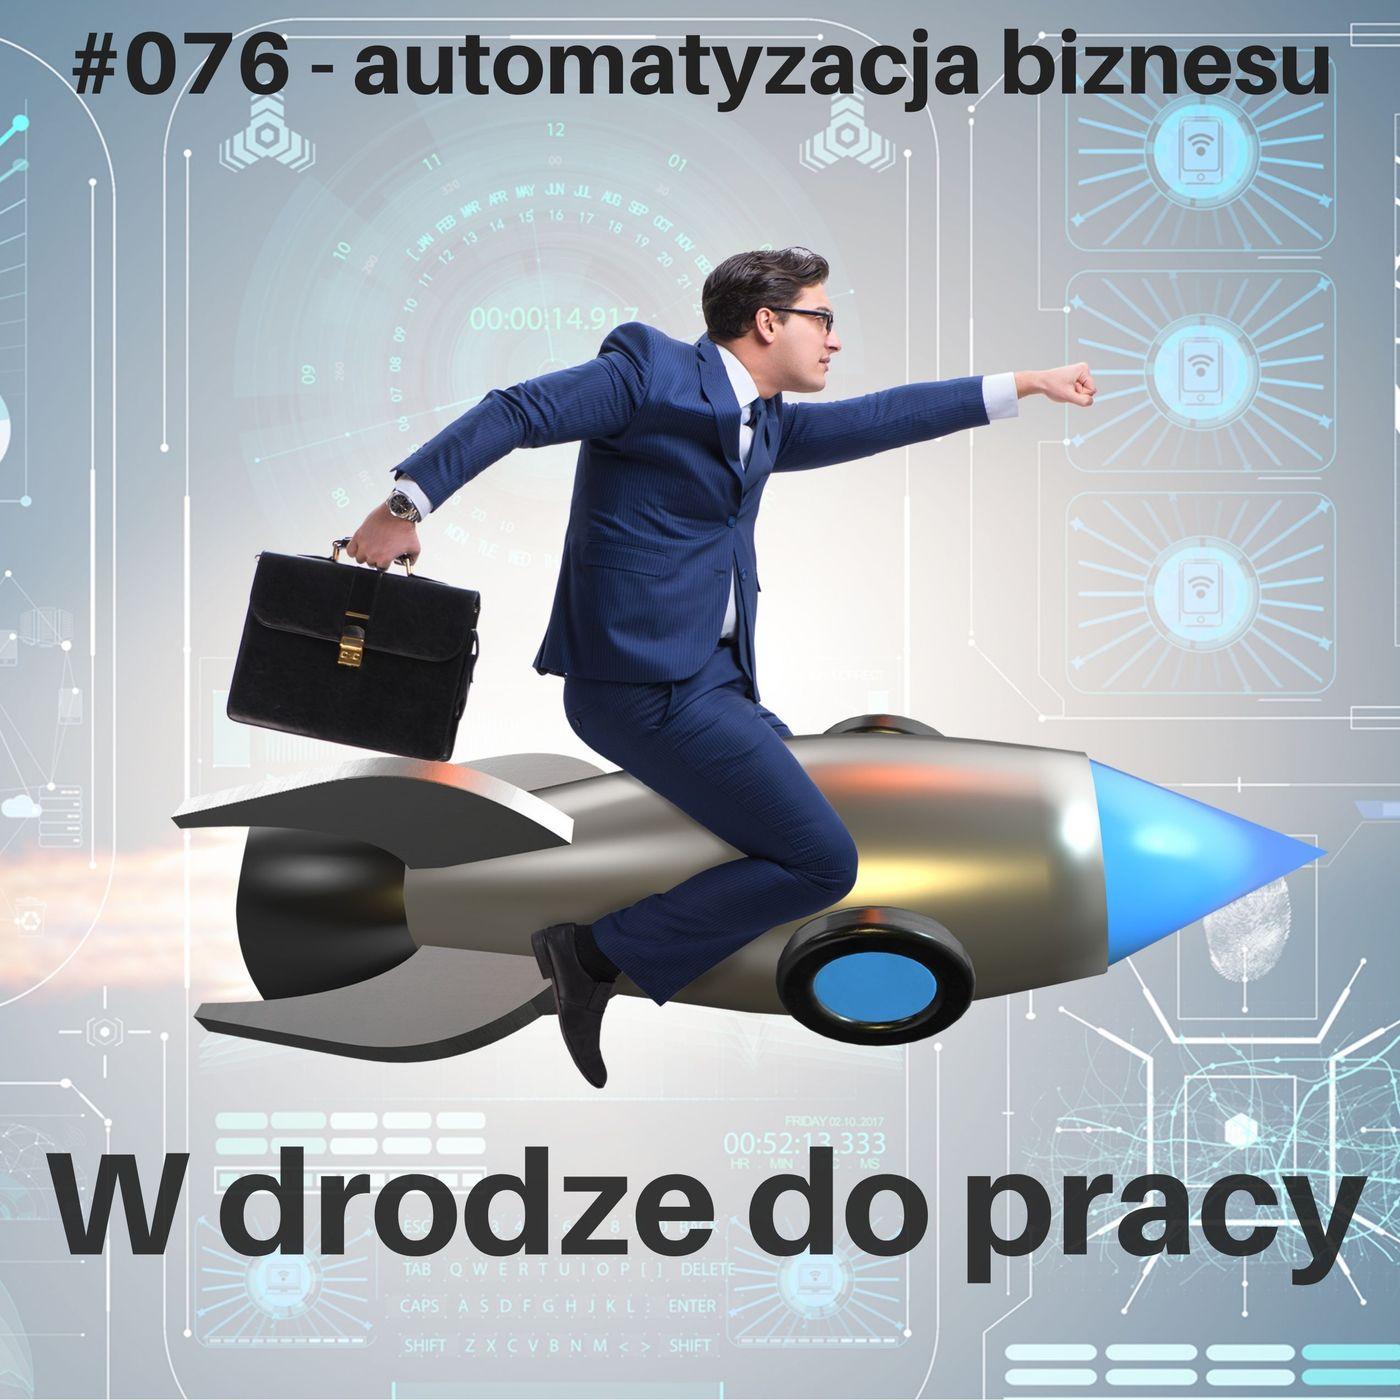 #076 - Automatyzacja biznesu w praktyce